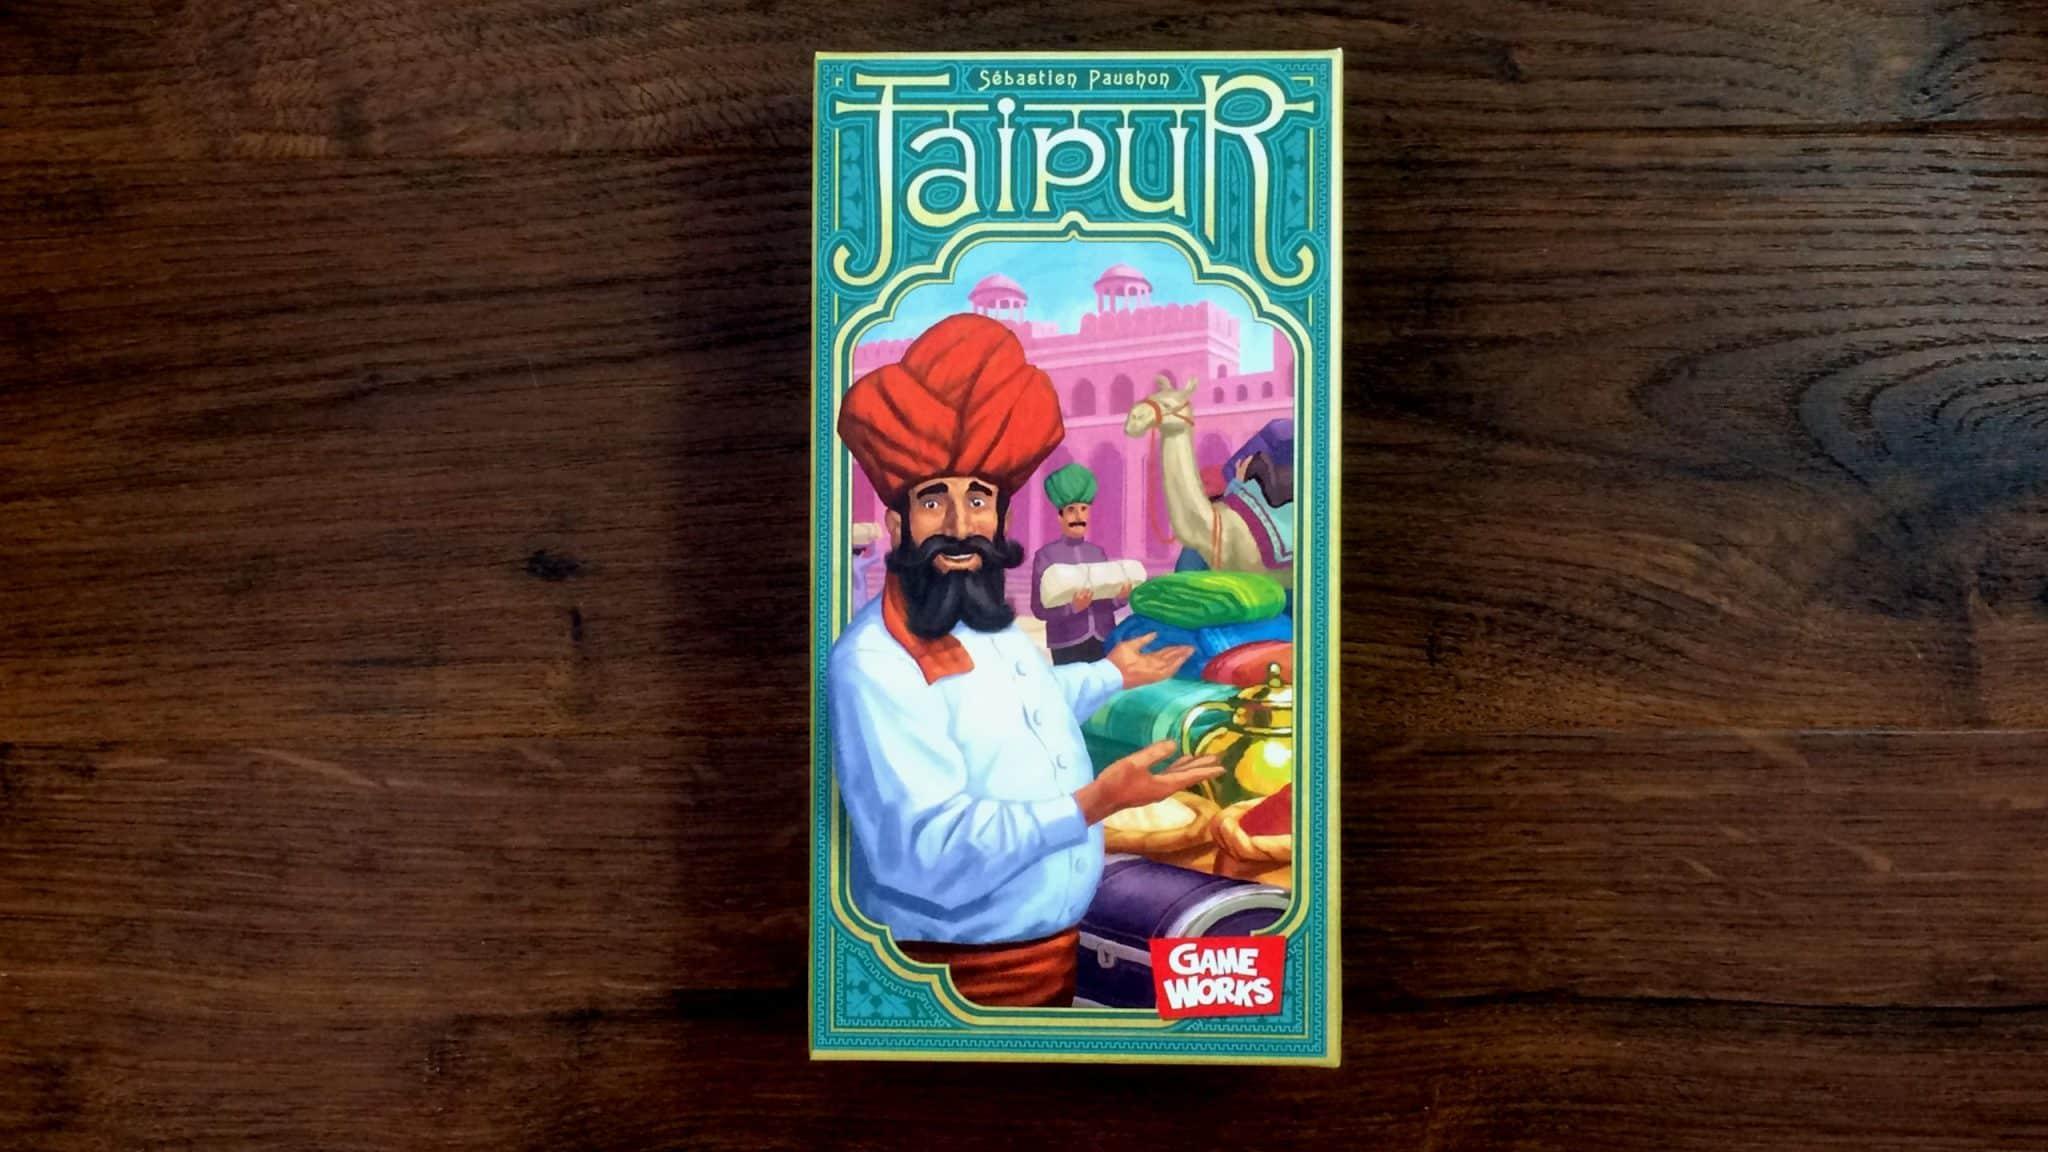 Jaipur (Unboxing)